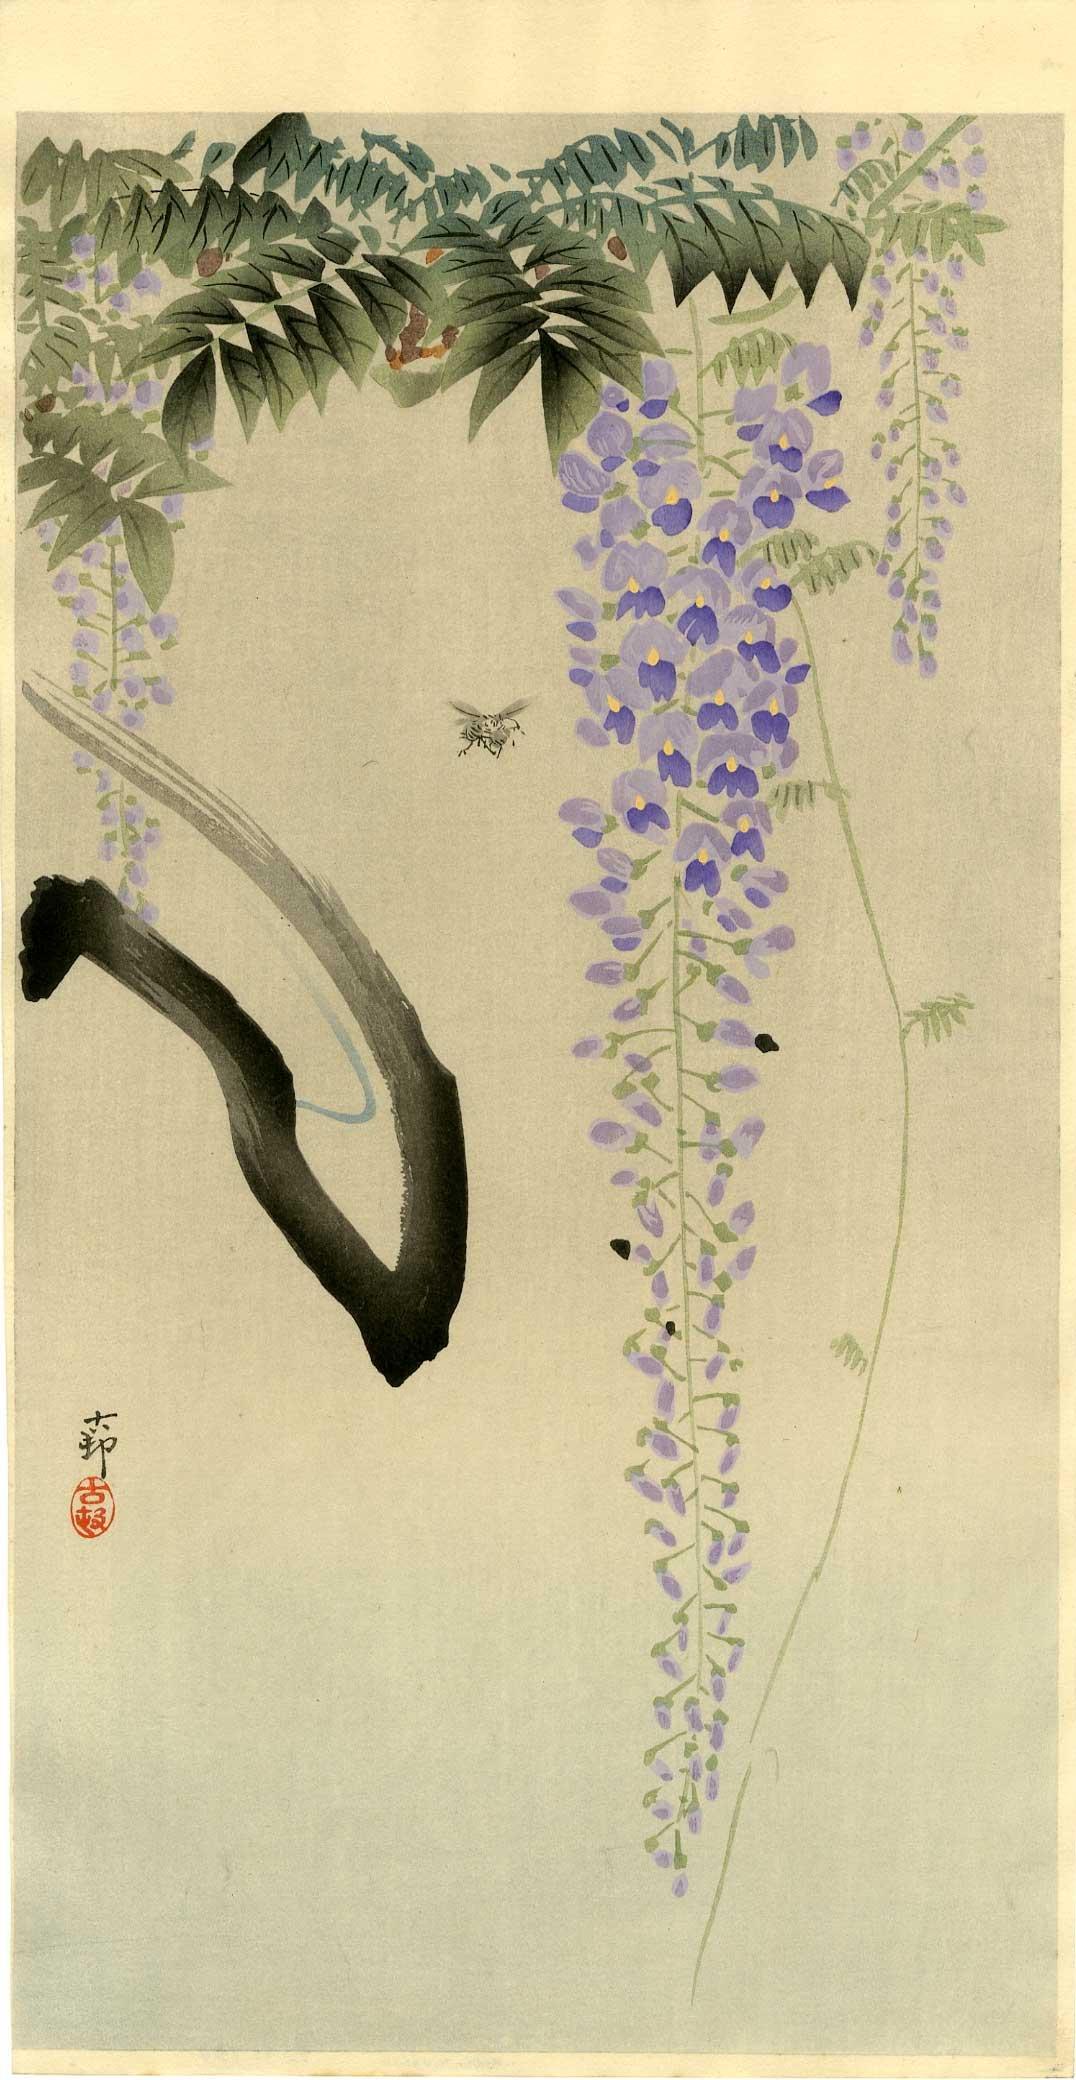 Koson Ohara: Bee and Wisteria 1920s Woodblock